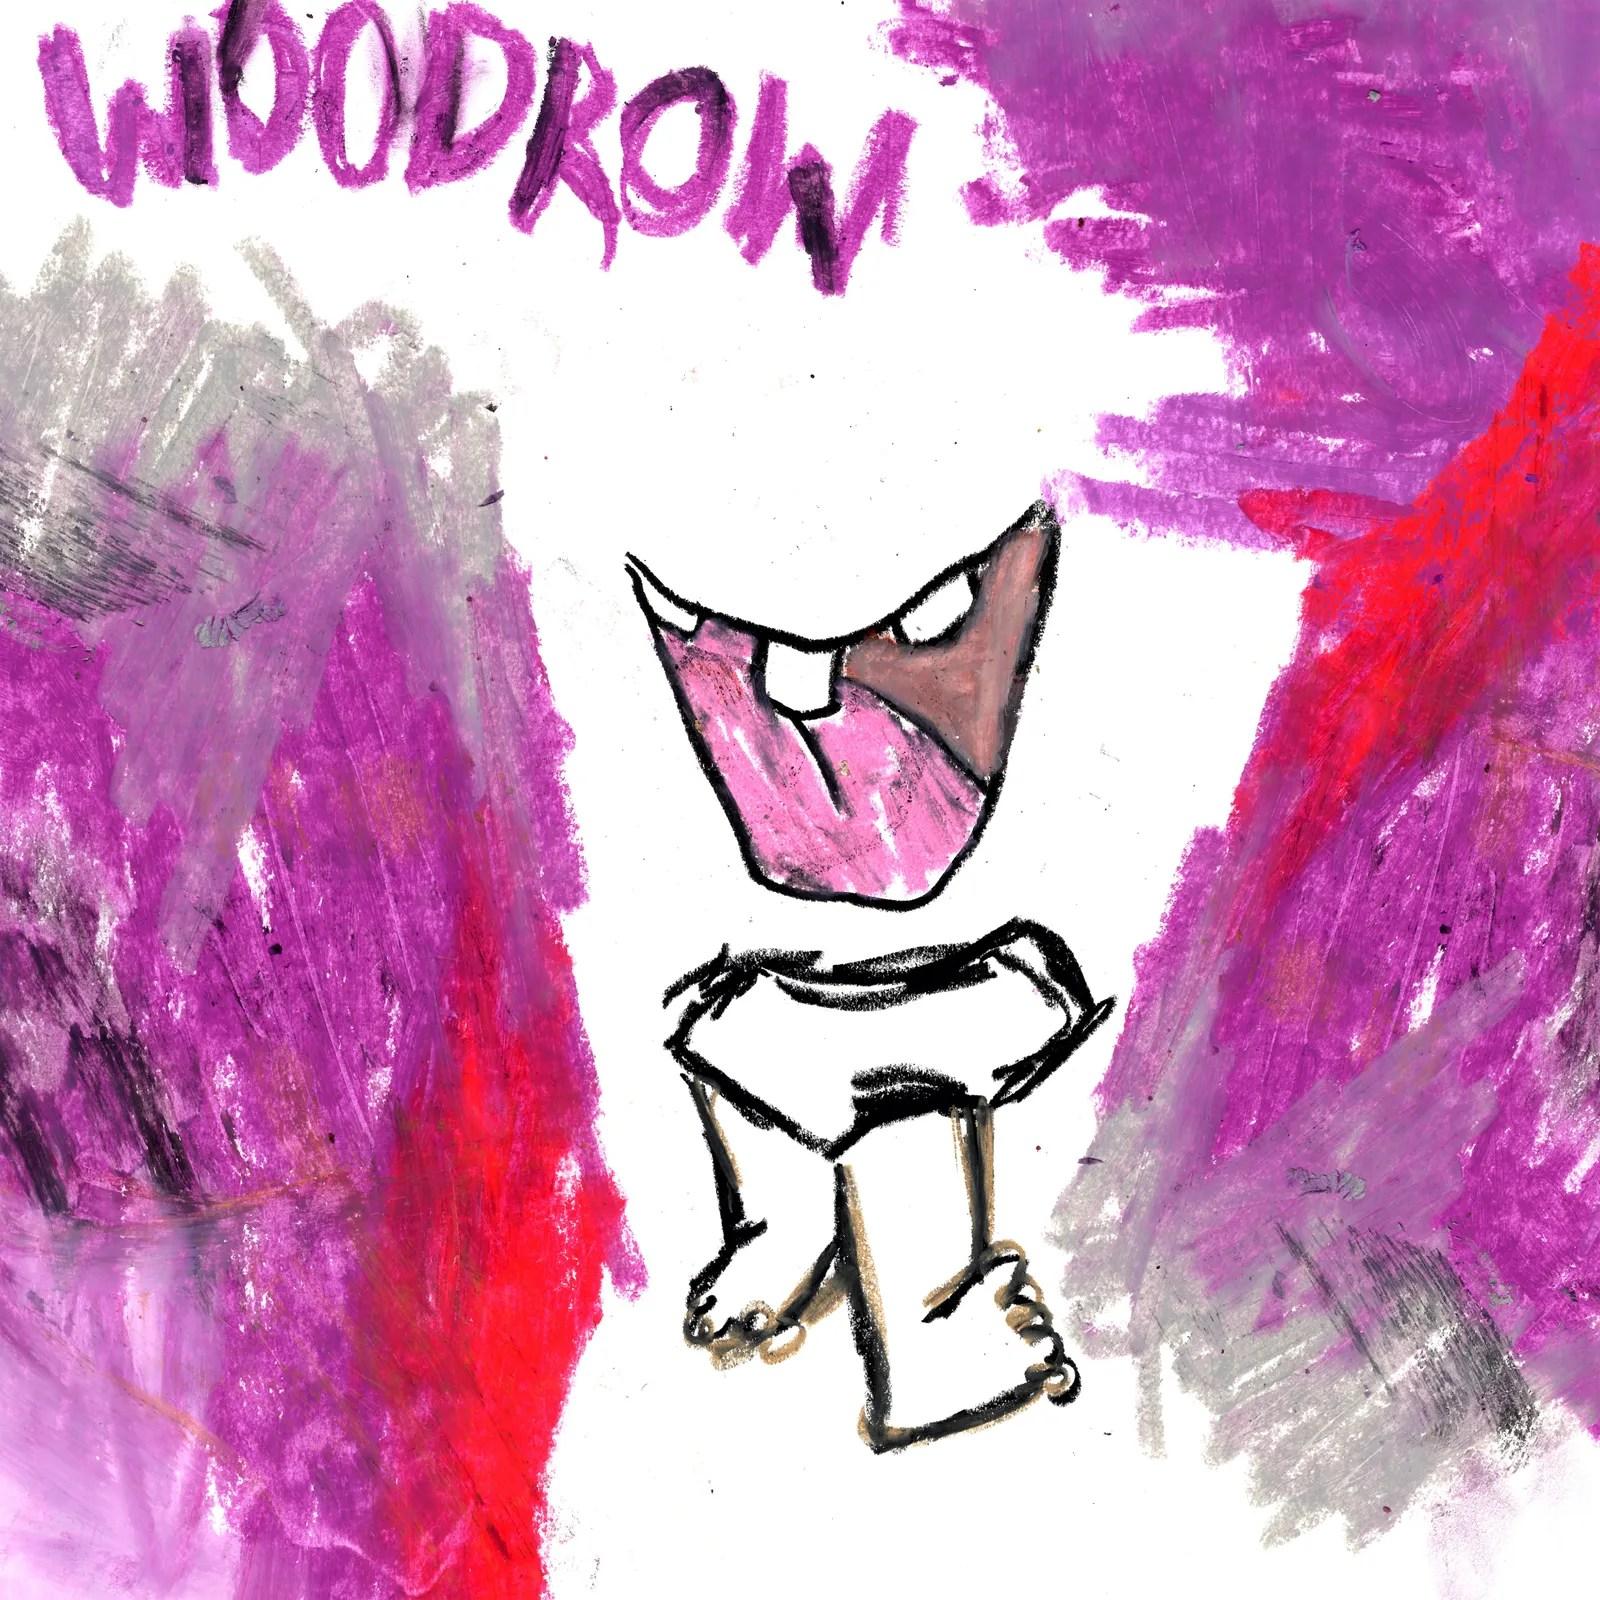 Listen to 1010 Benja SLs New Song Woodrow